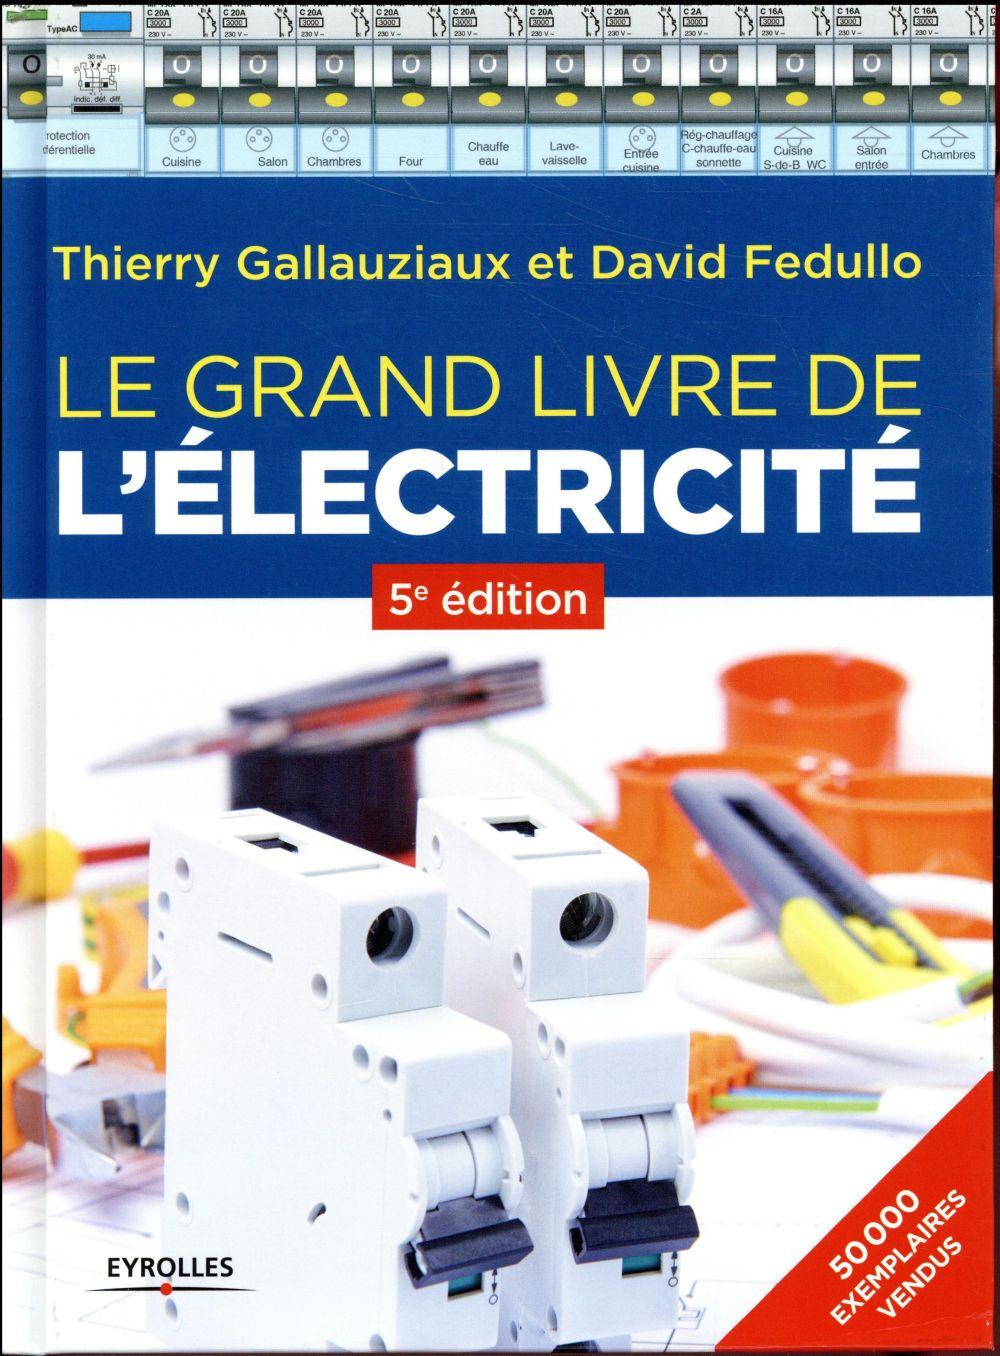 le grand livre de l'électricité (5e édition)